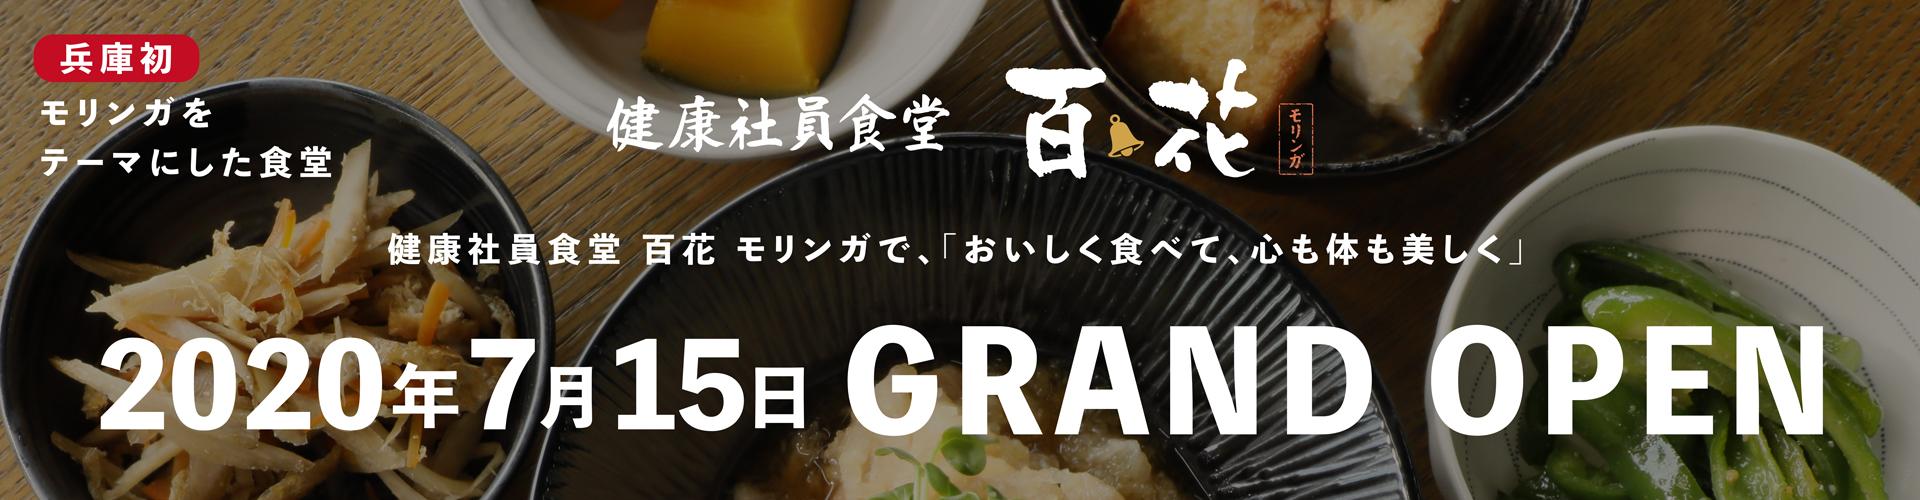 健康社員食堂 百花(モリンガ) 2020年7月15日 GRAND OPEN